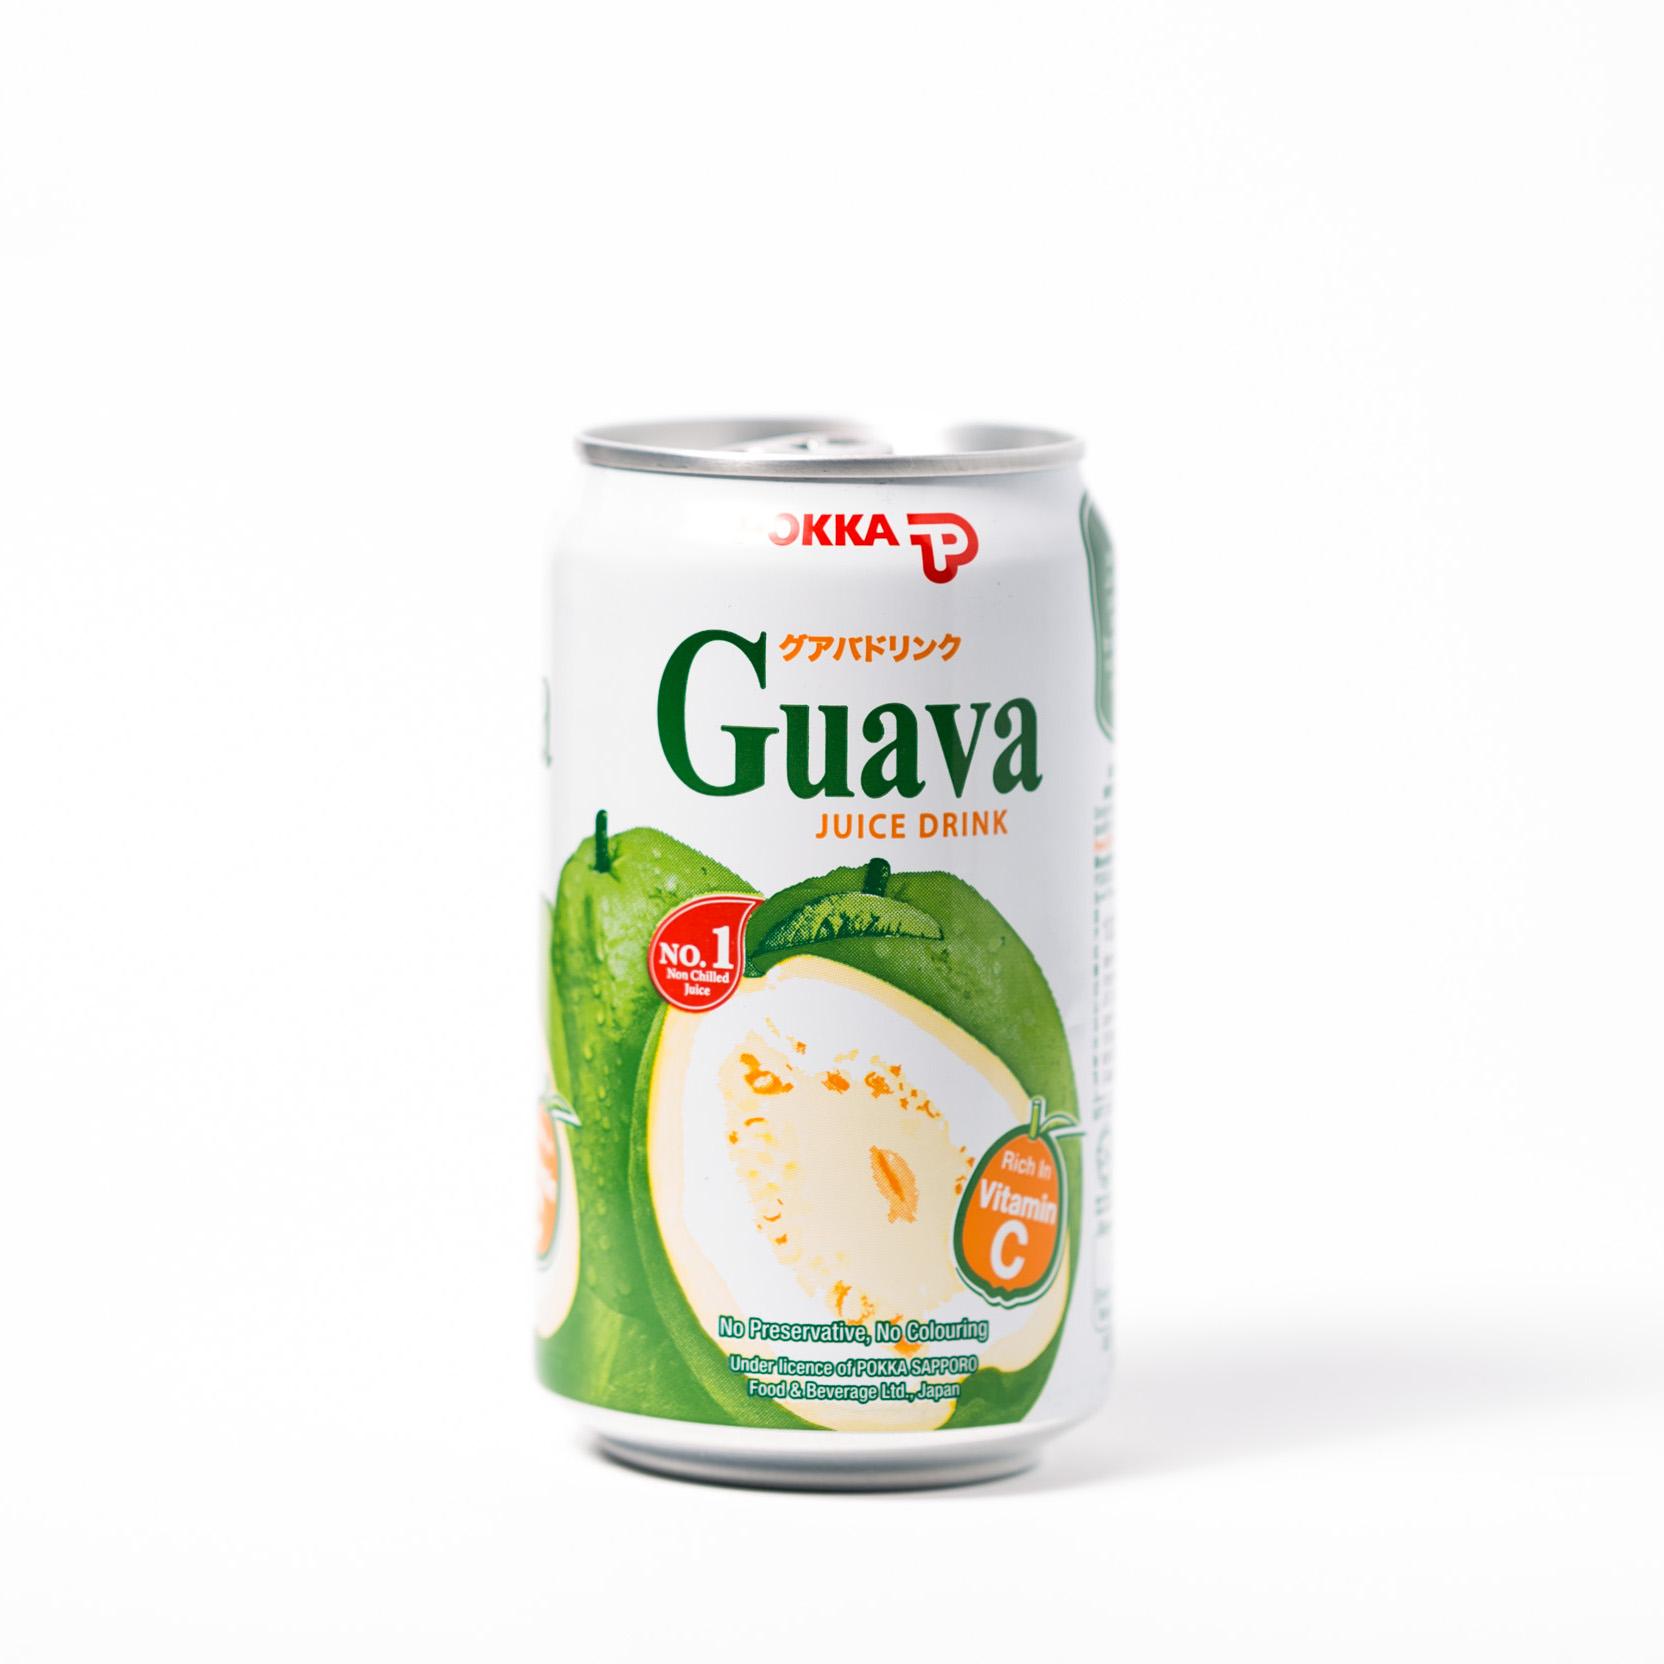 Pokka Guava